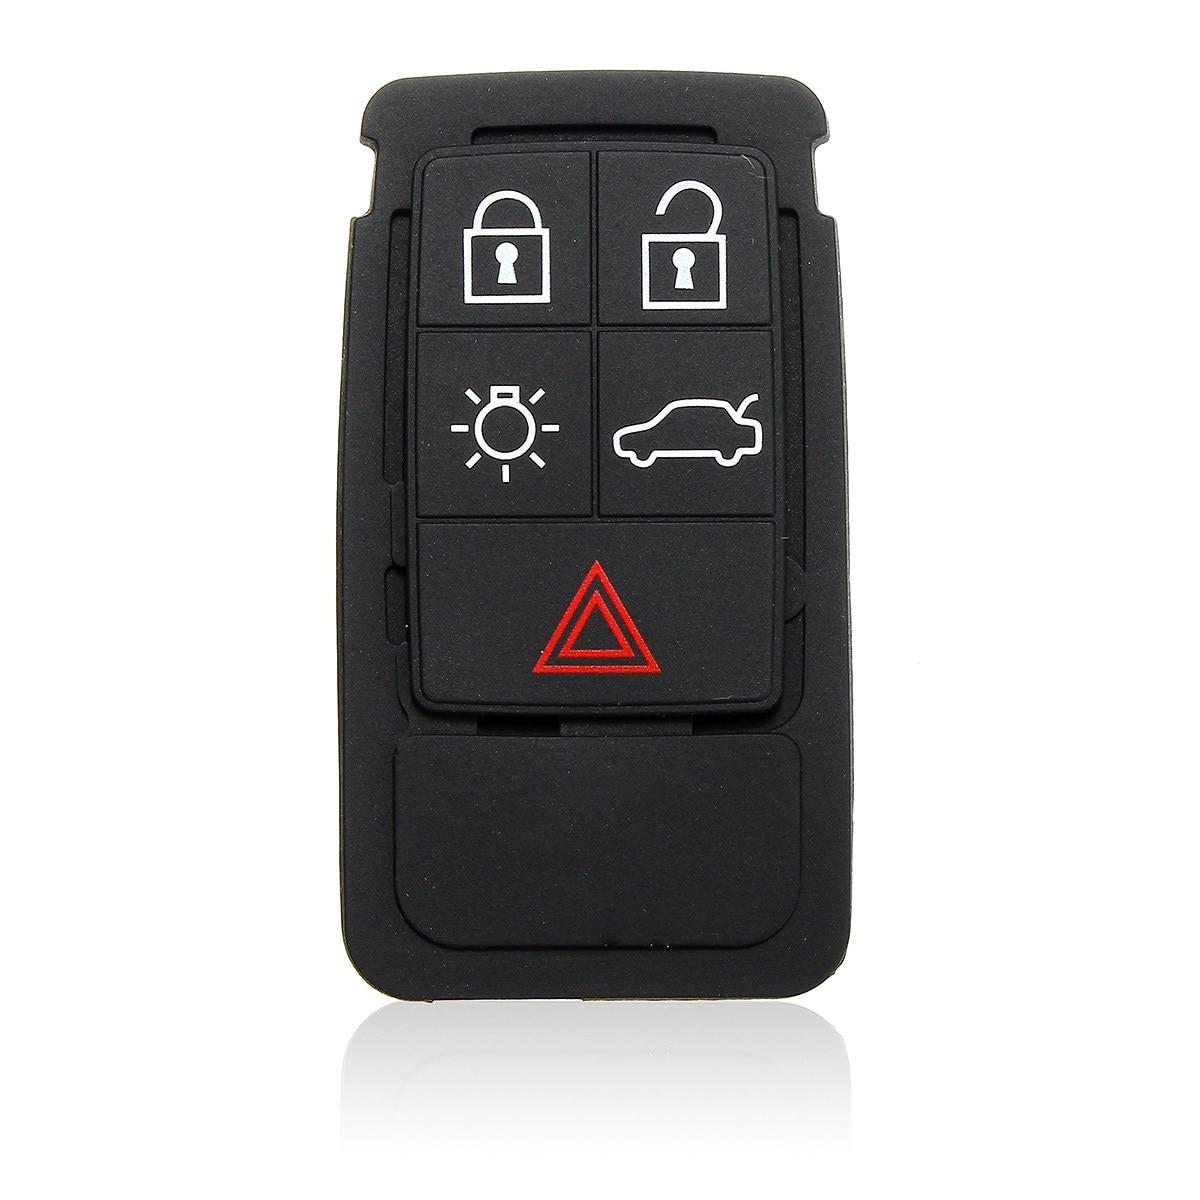 5 Tasten Remote Key Gummi Pad Ersatz Fob Fit Für Volvo S60 S80 Xc70 Xc90 Schwarz Gummi Matte Remote Key Fob Silikon Fall Halten Sie Die Ganze Zeit Fit